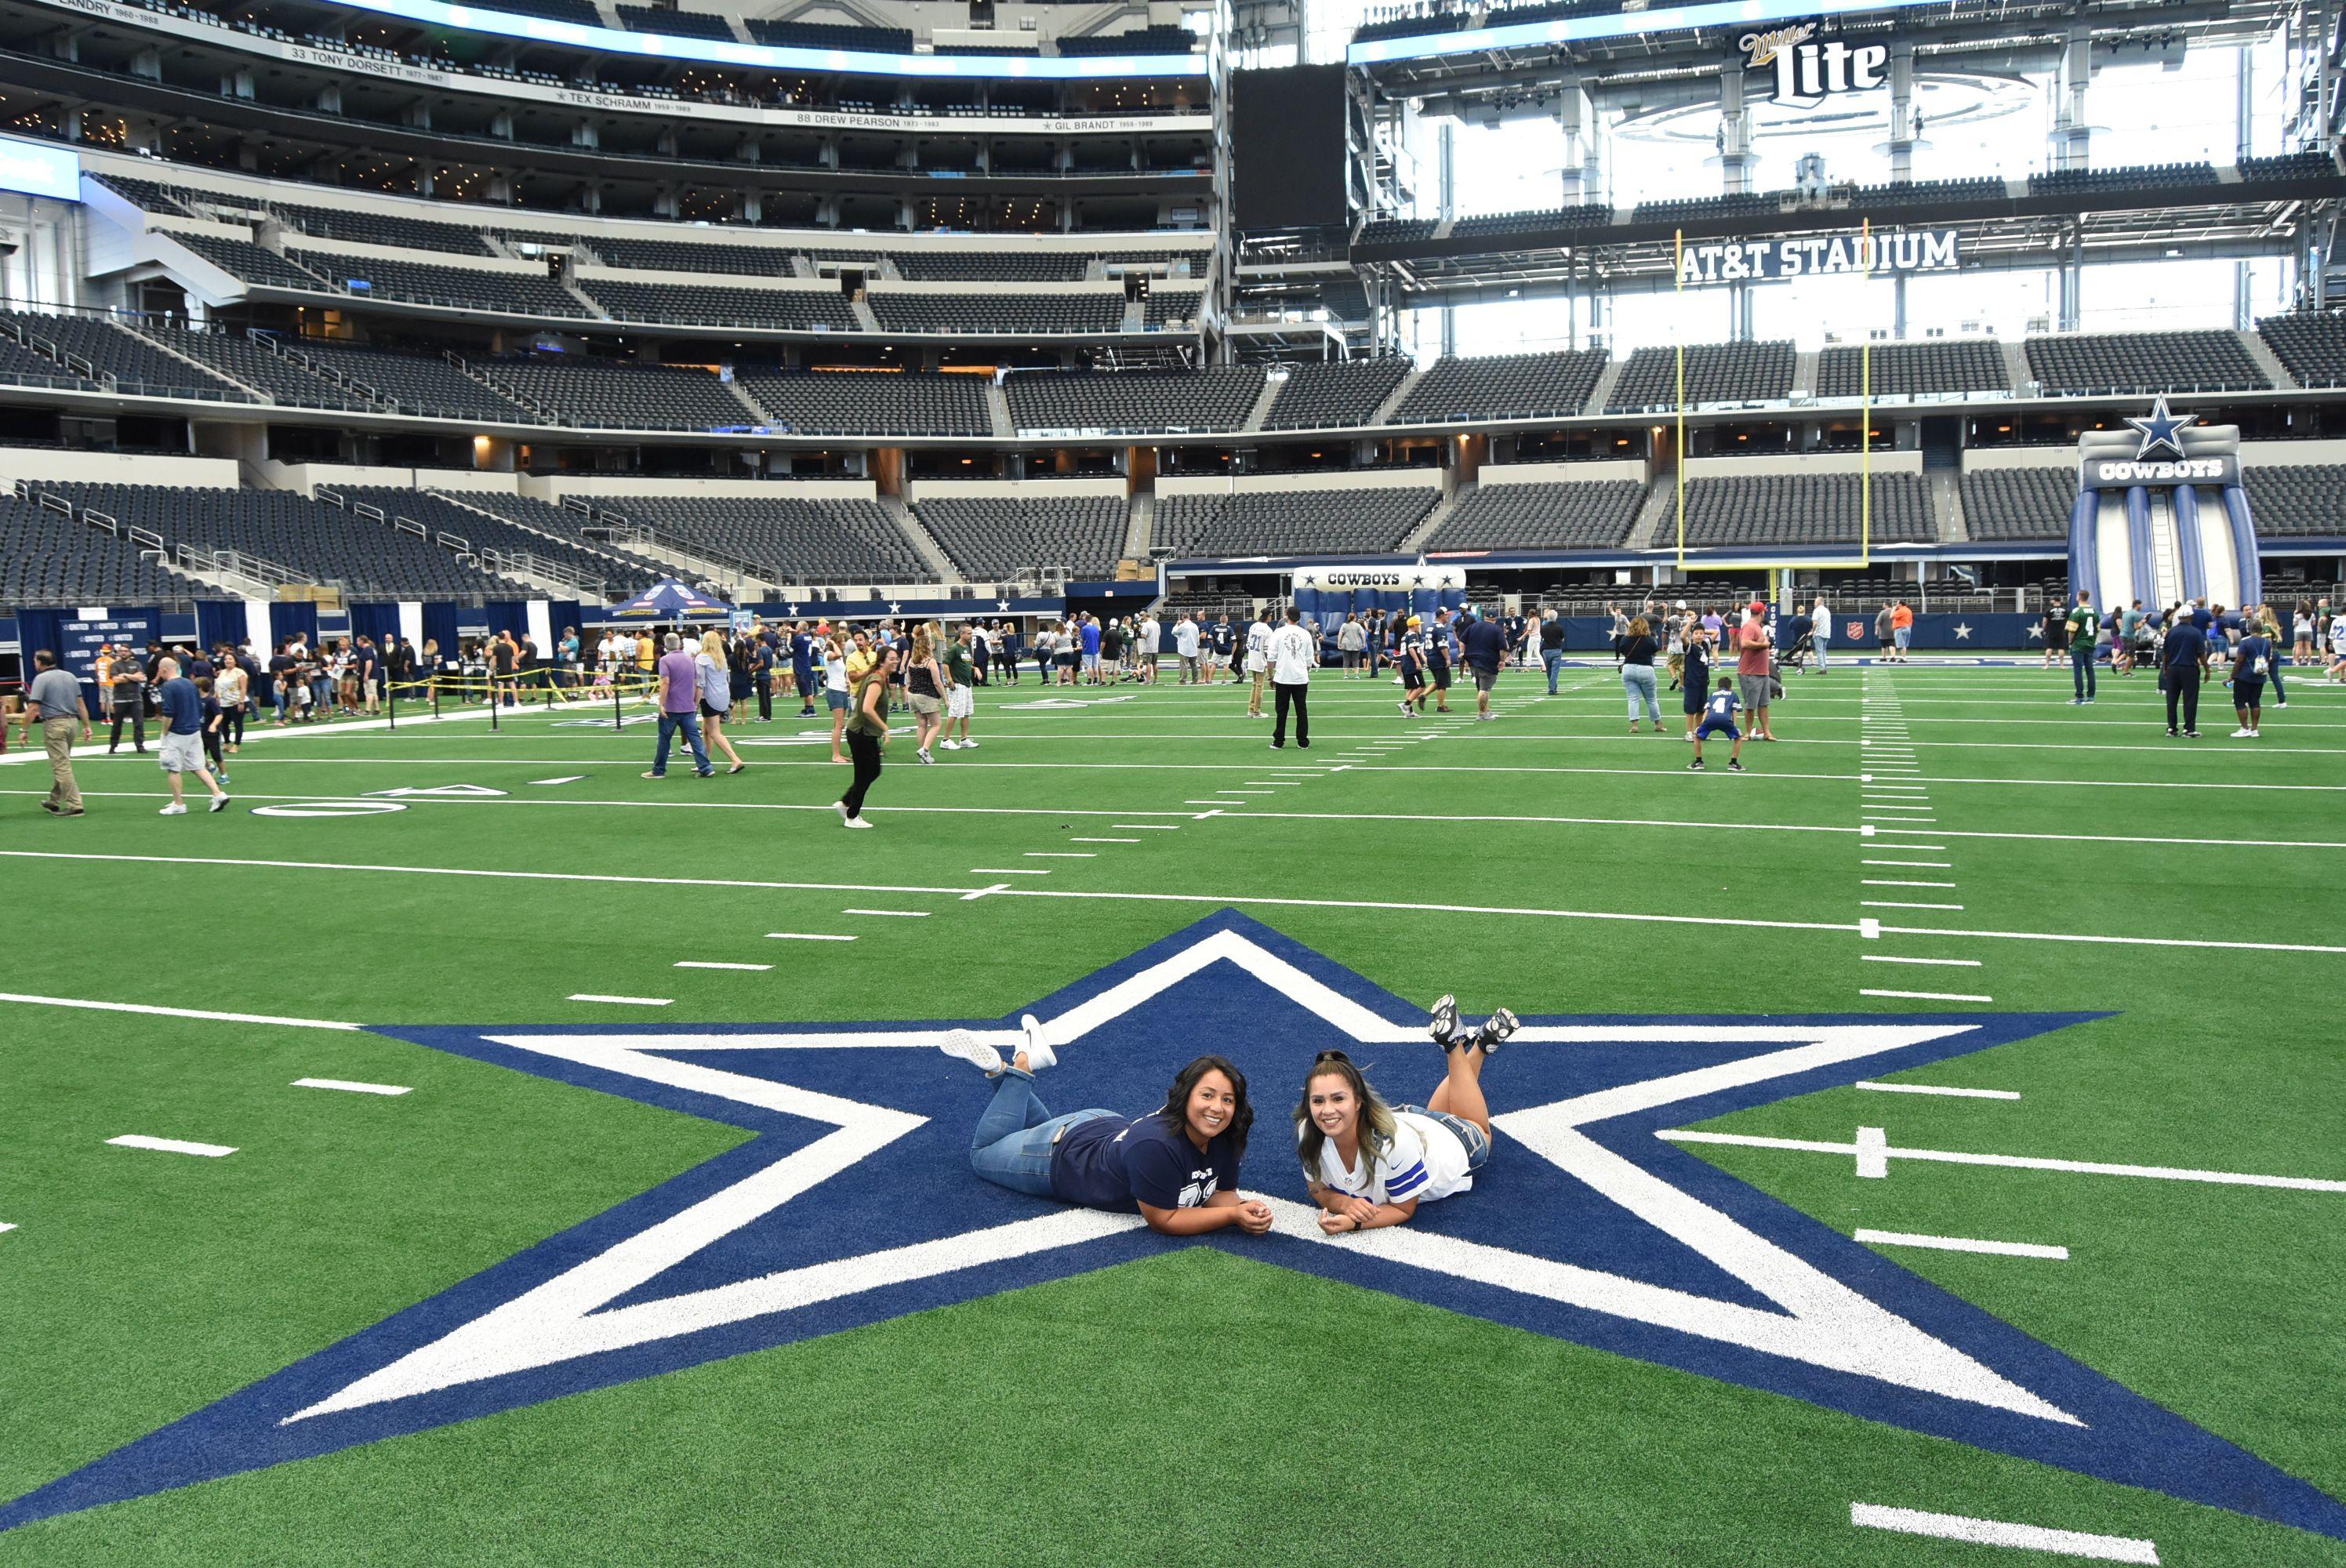 AT&T Stadium Dallas Cowboys Fan Photos in 2020 Stadium